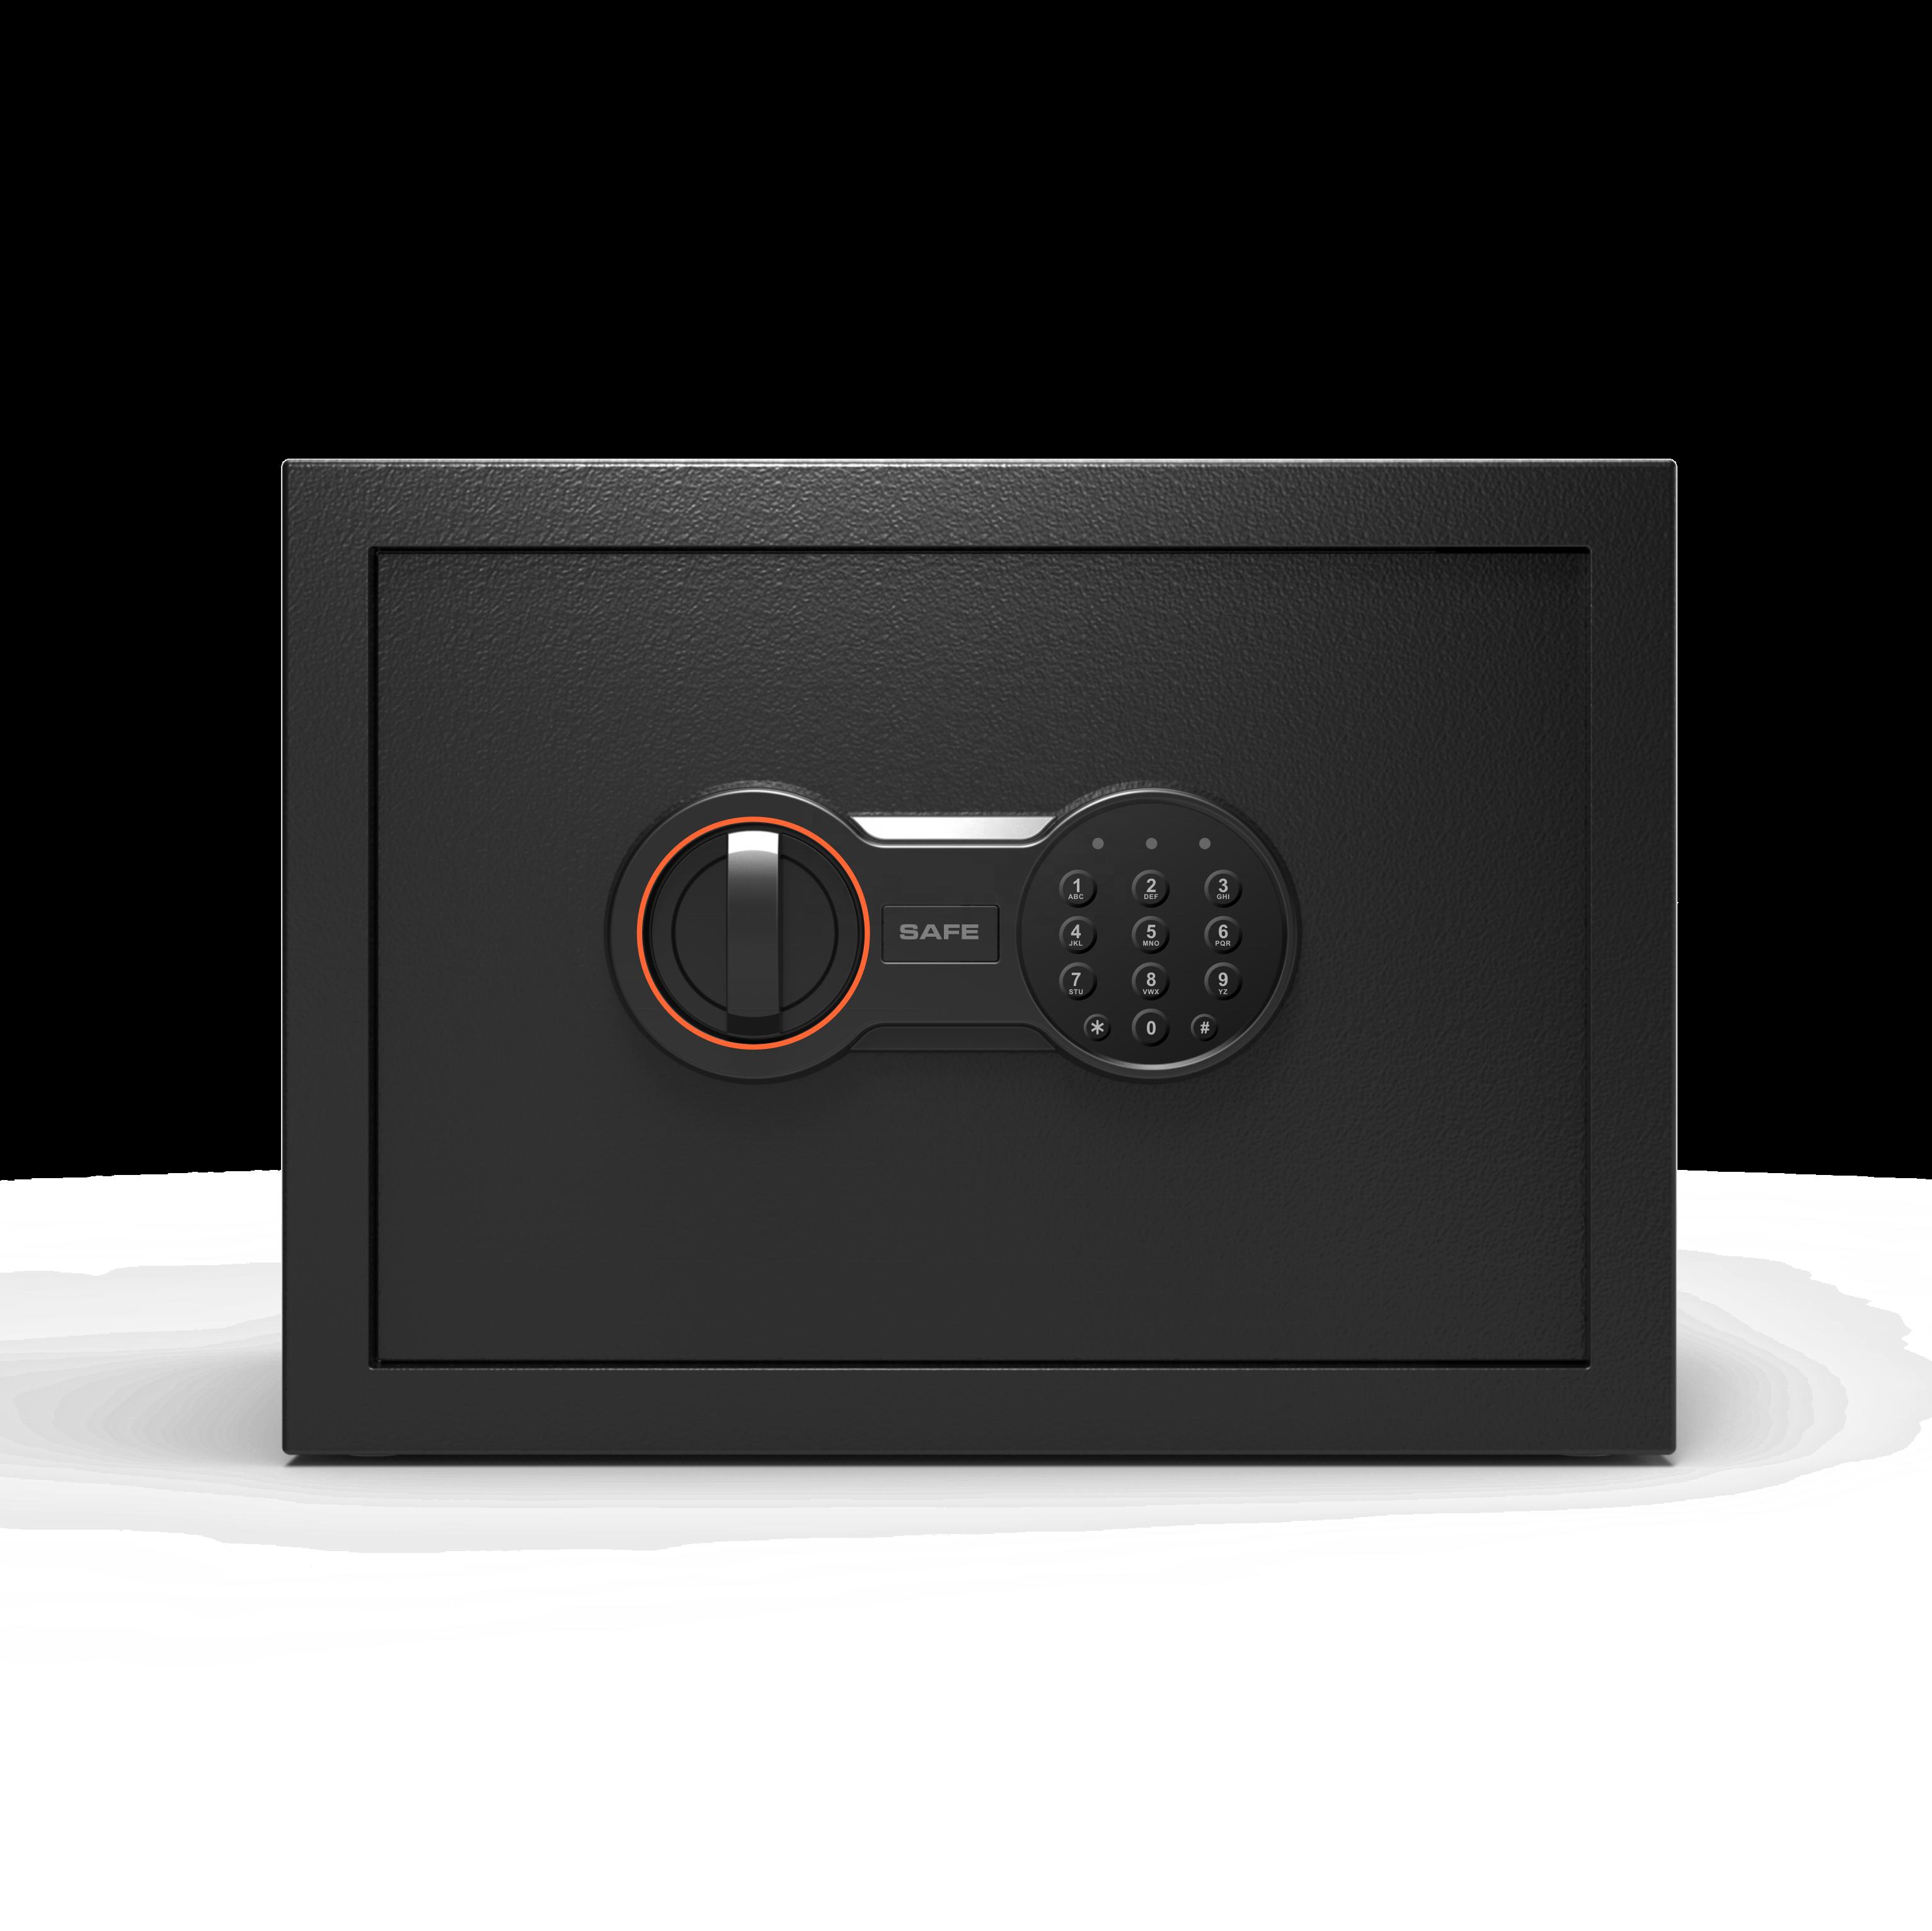 Сейфы OUBAO для дома, офиса, отеля, популярное ювелирное изделие, мини-пистолет для денег, портативный скрытый электронный смарт-сейф с цифровым замком